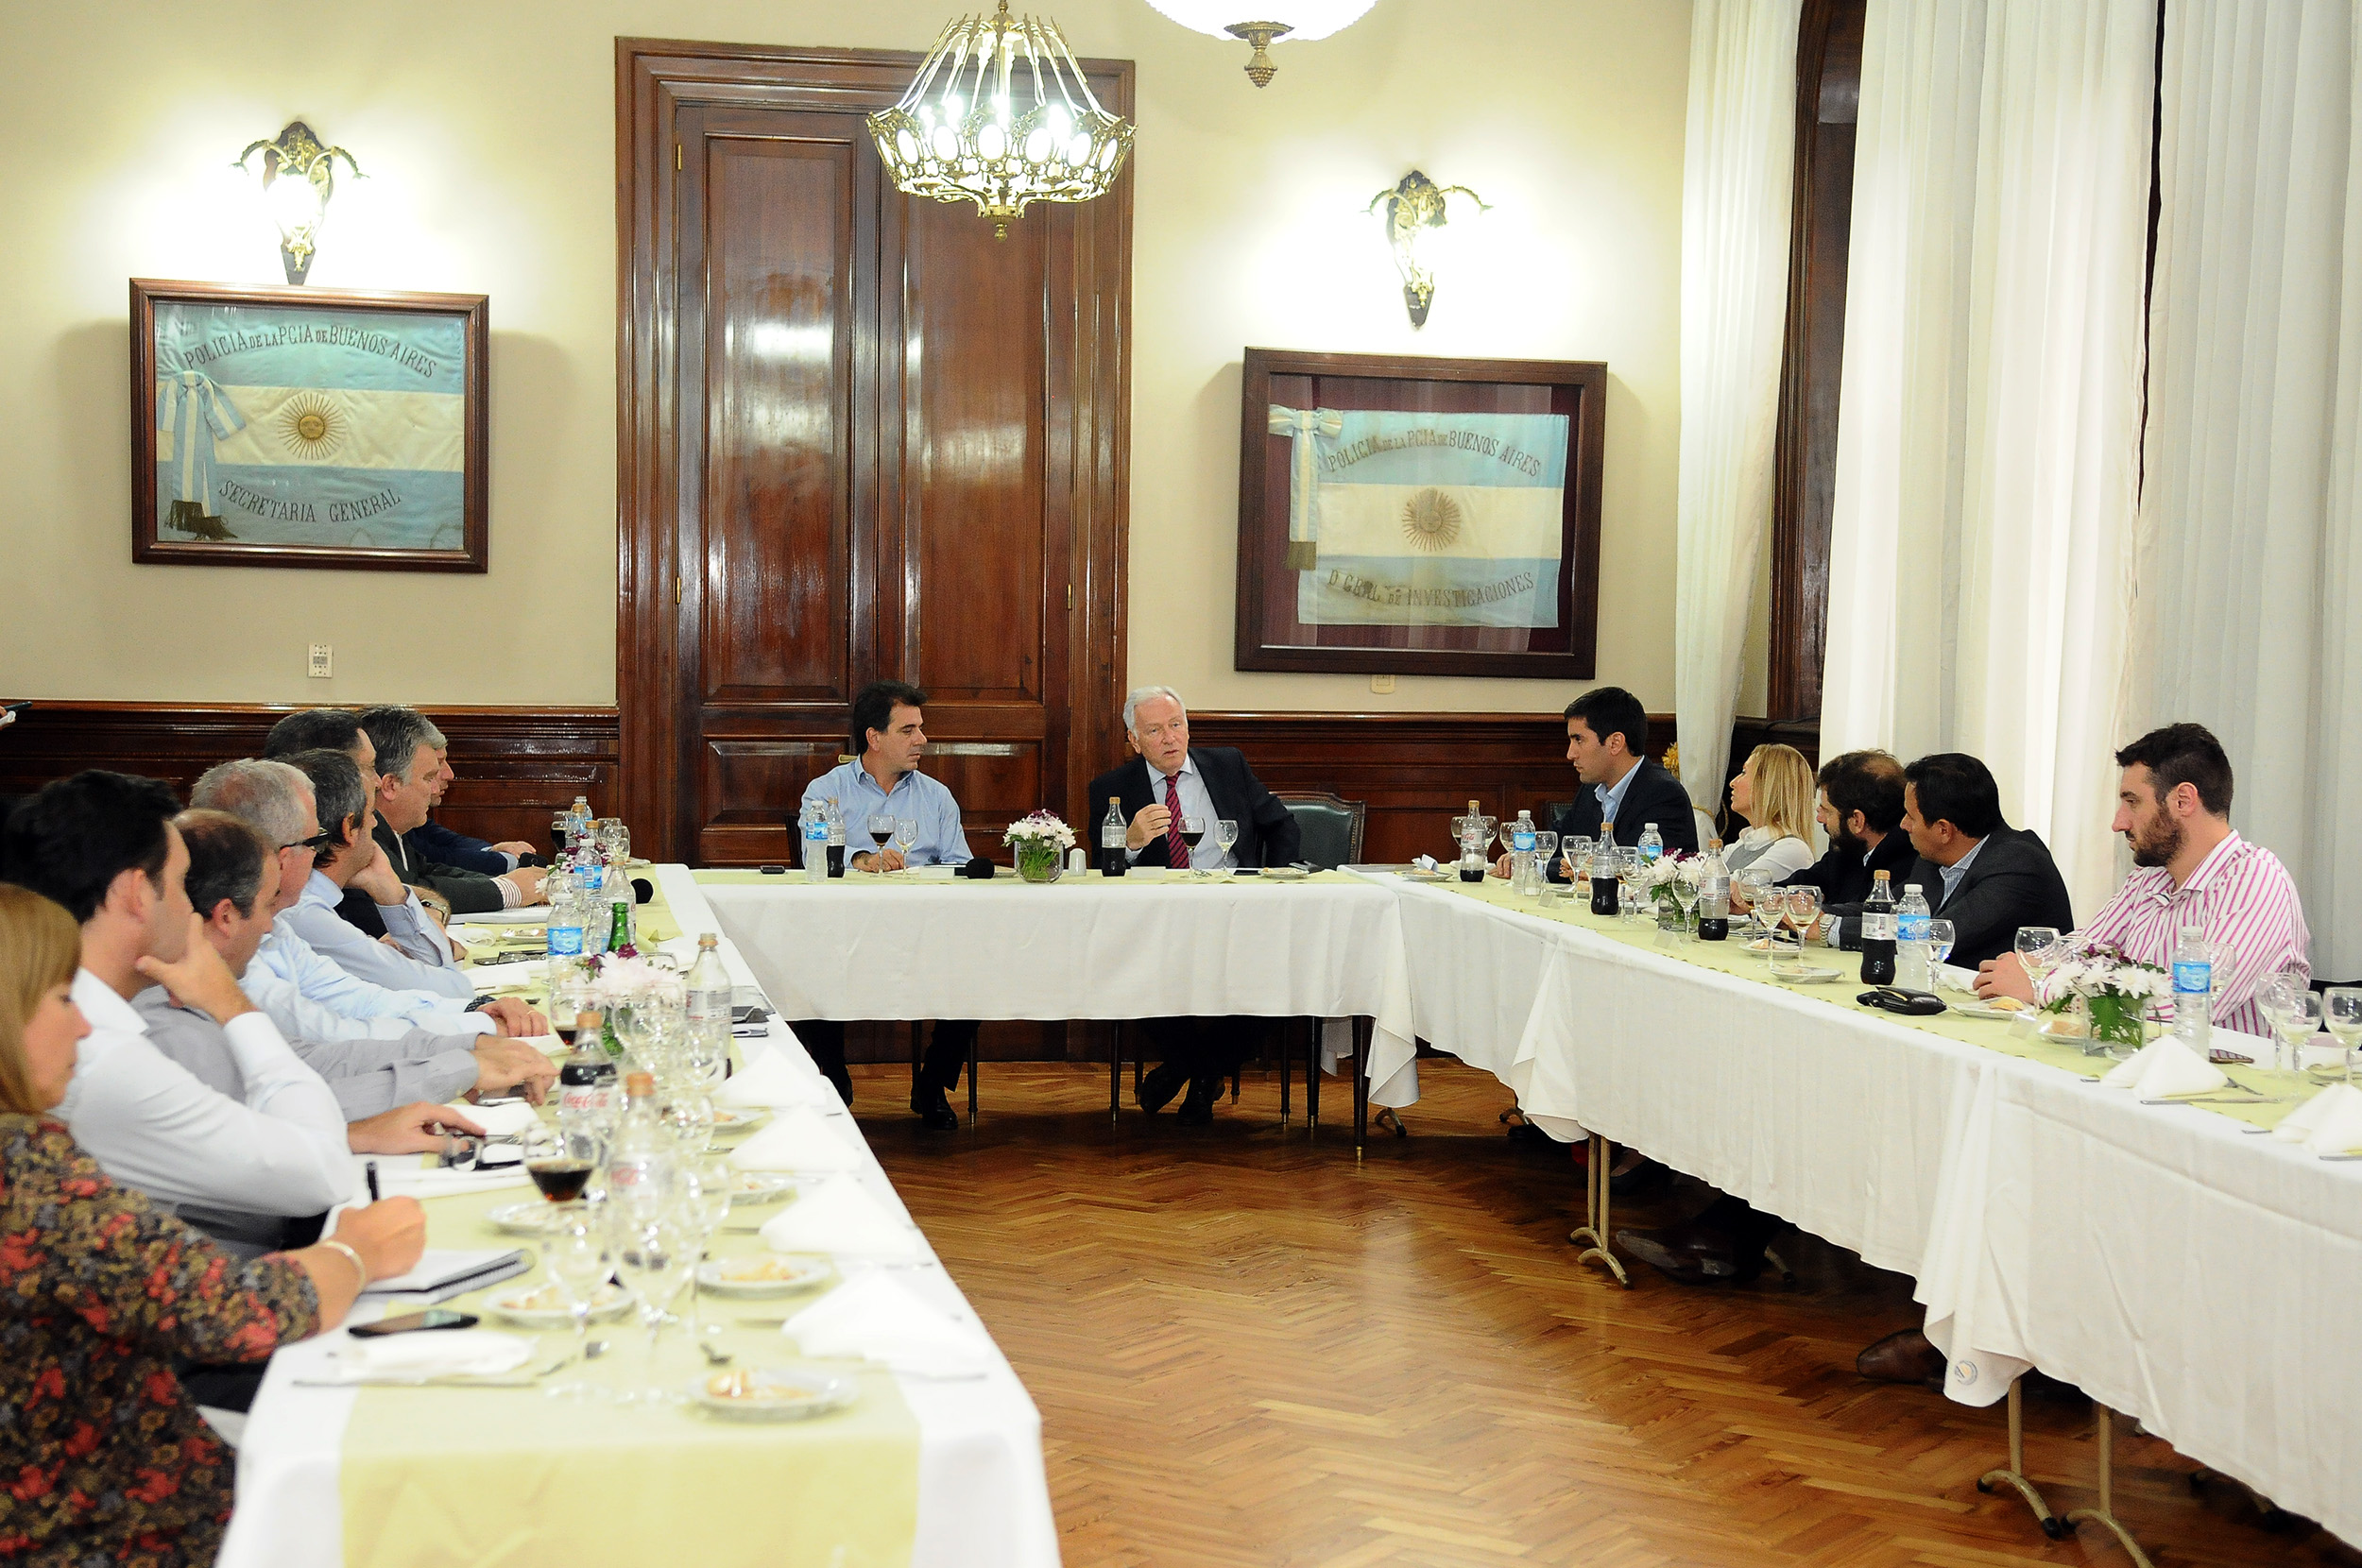 Noticias_chivilcoy_04-04 Ritondo se reunió con Mahiques y legisladores provinciales